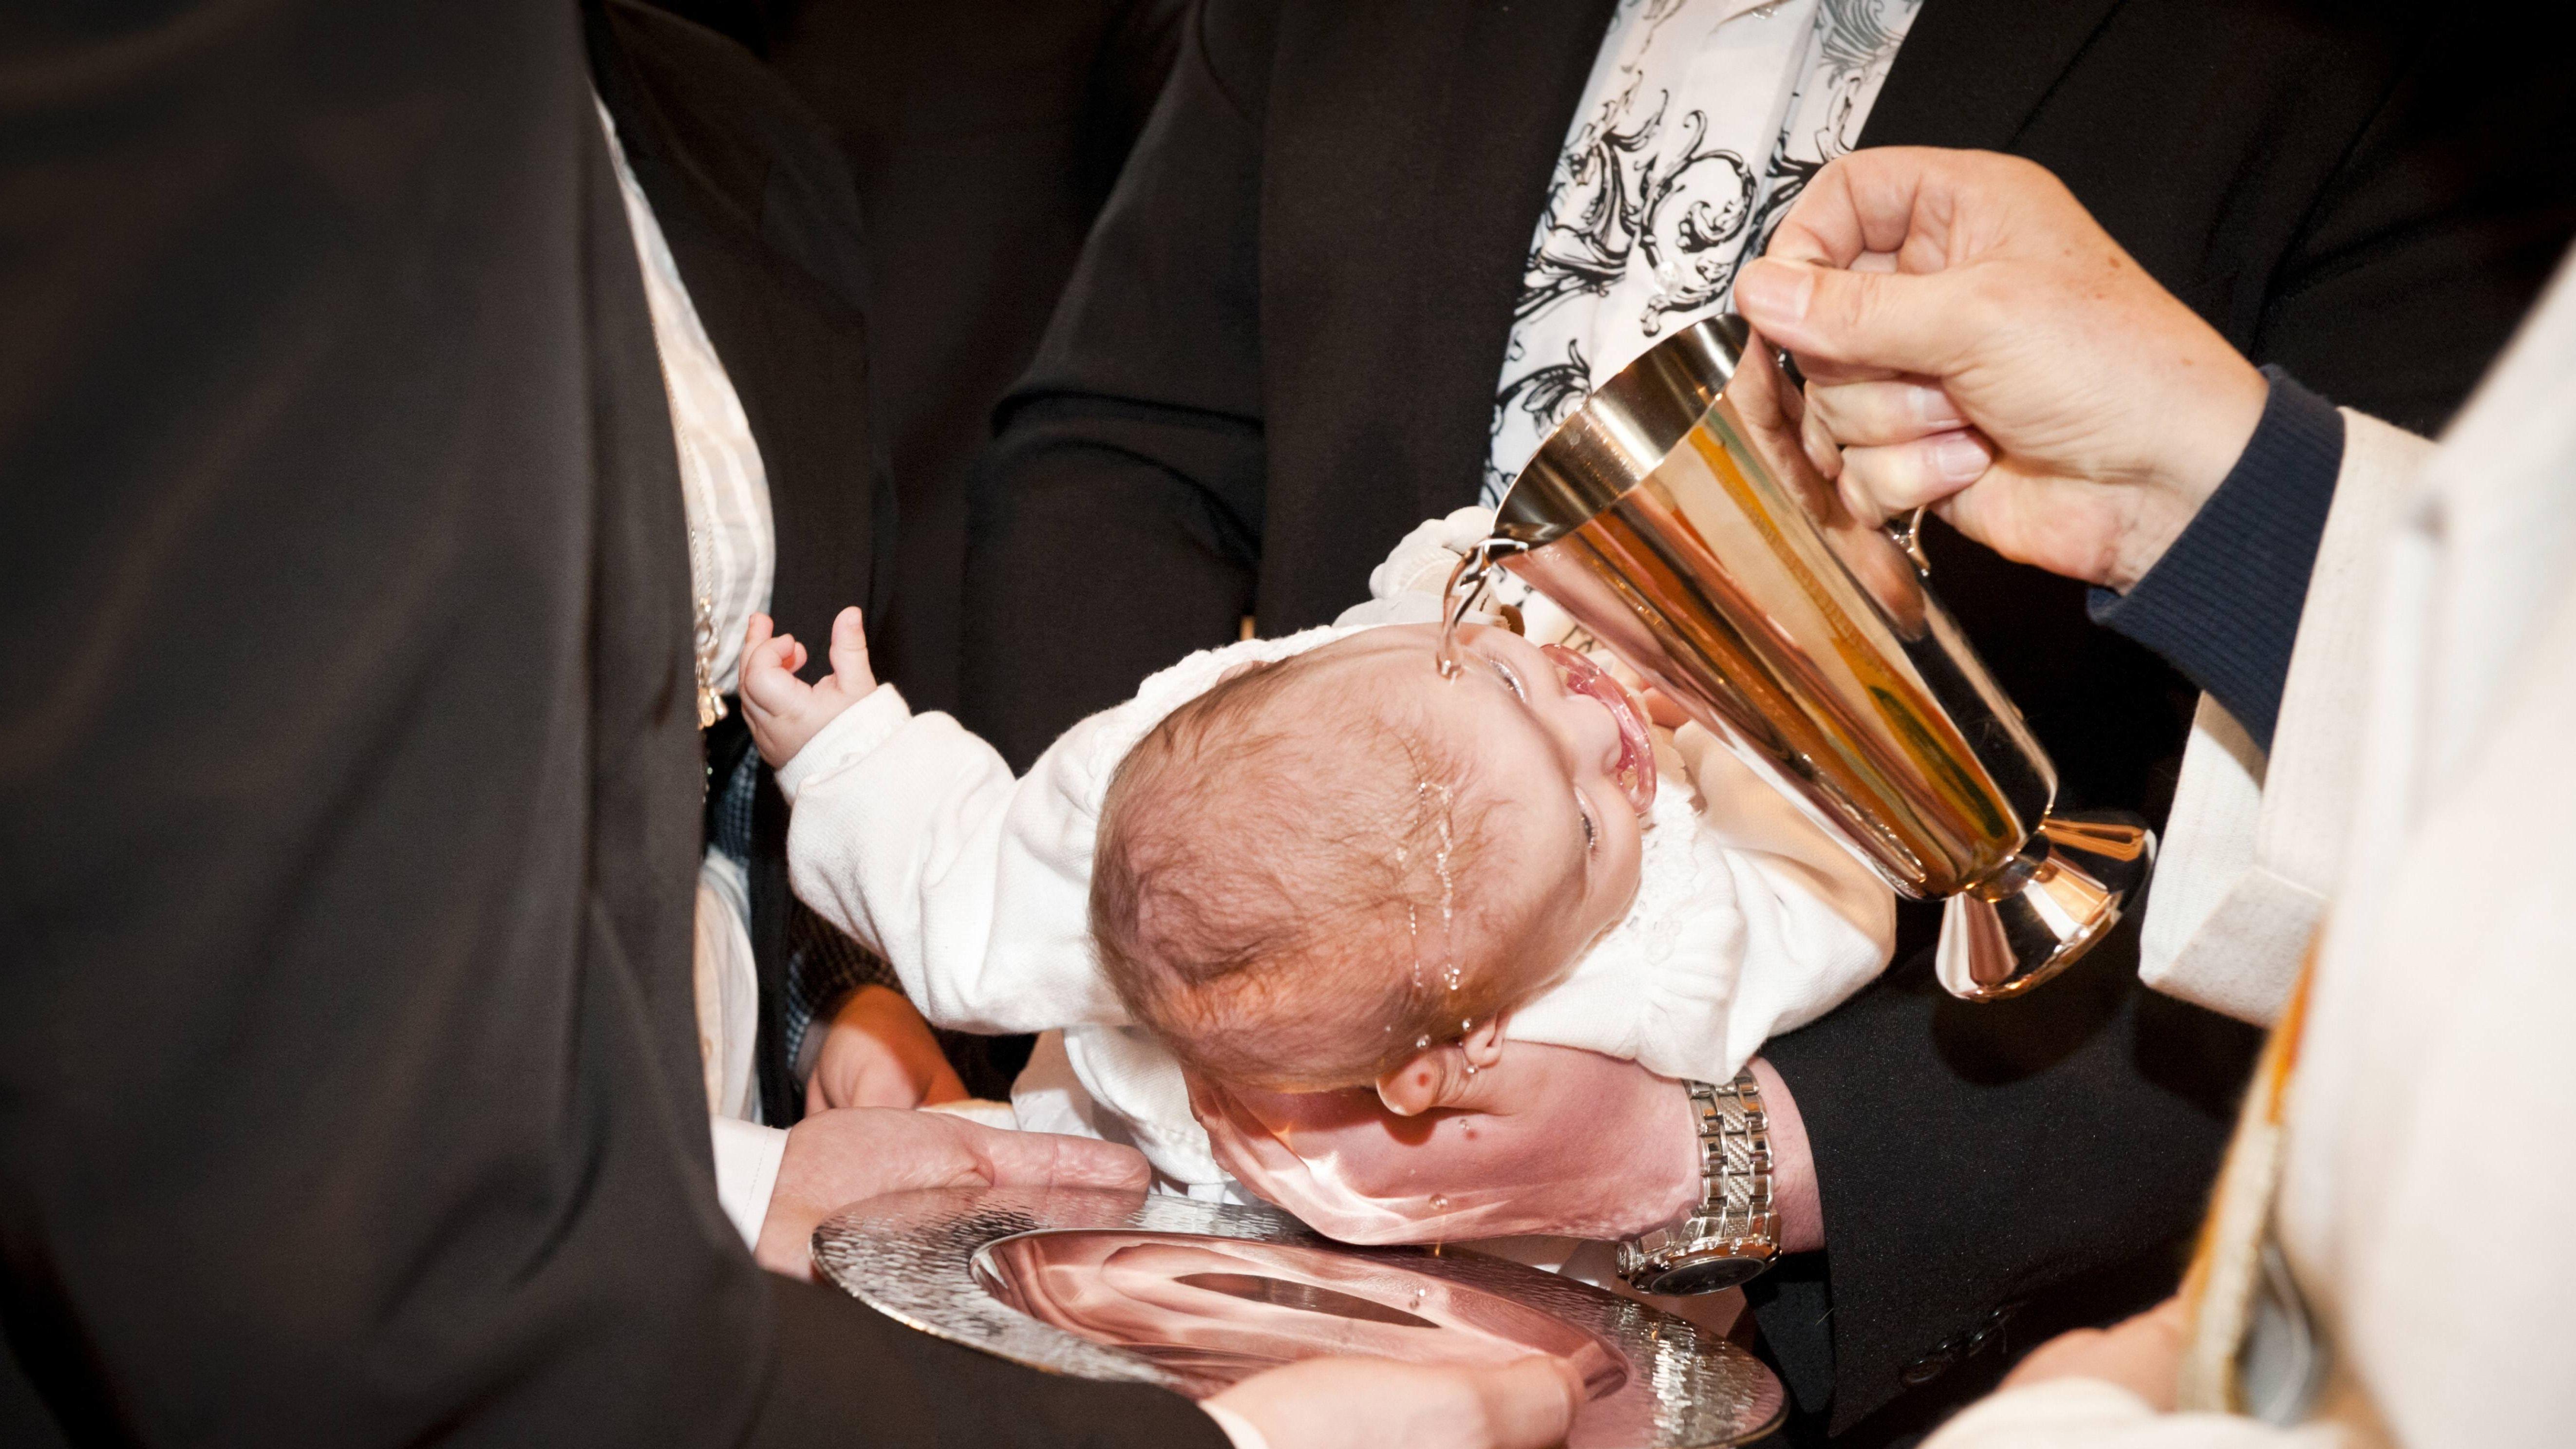 Ein Baby wird christlich getauft.